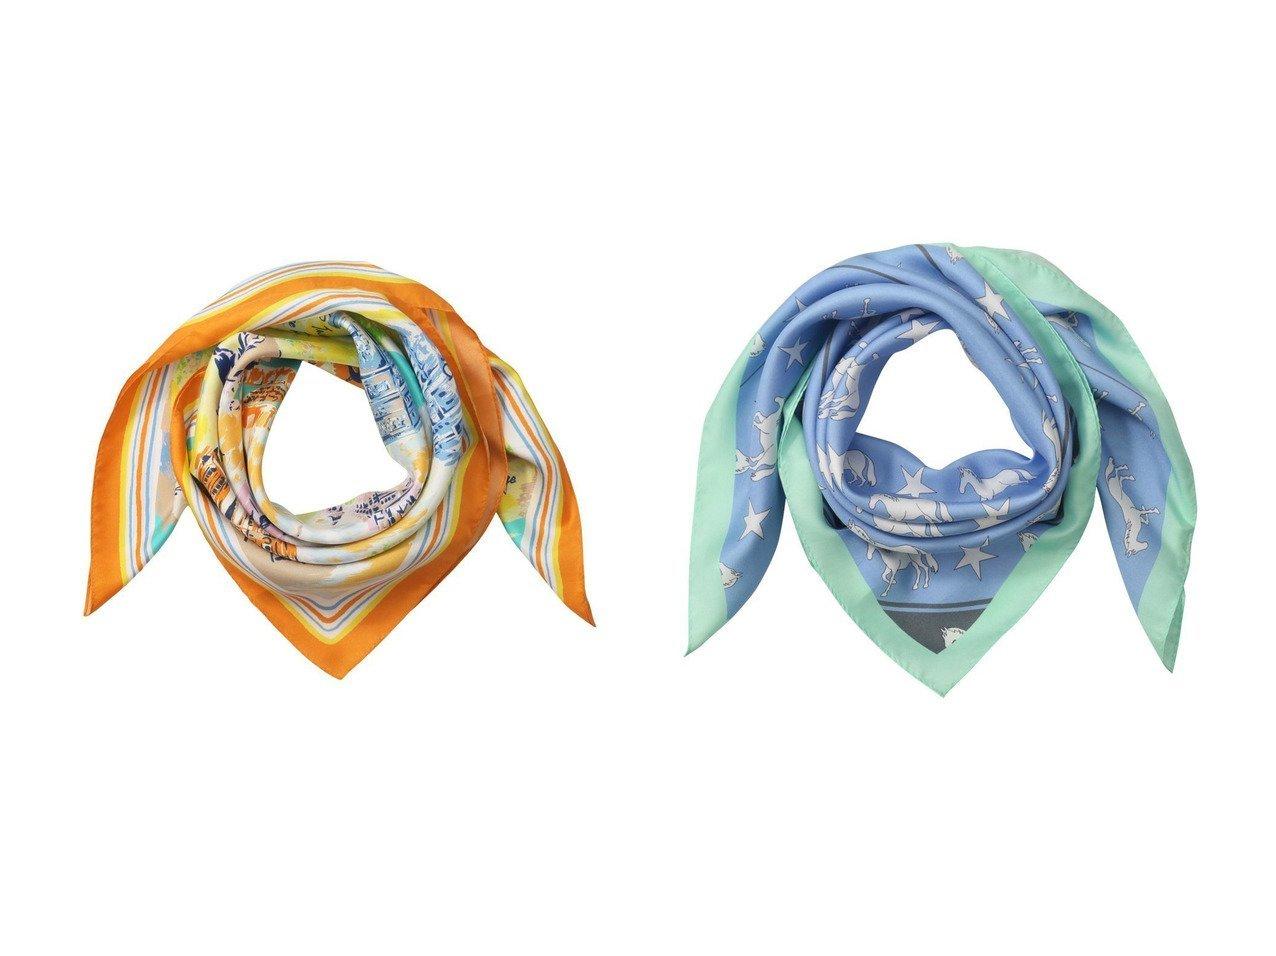 【ANAYI/アナイ】のタウンプリントスカーフ&ホースプリントスカーフ おすすめ!人気、トレンド・レディースファッションの通販 おすすめで人気の流行・トレンド、ファッションの通販商品 メンズファッション・キッズファッション・インテリア・家具・レディースファッション・服の通販 founy(ファニー) https://founy.com/ ファッション Fashion レディースファッション WOMEN 2021年 2021 2021春夏・S/S SS/Spring/Summer/2021 S/S・春夏 SS・Spring/Summer なめらか アクセサリー シルク スカーフ プリント モチーフ 帽子 春 Spring  ID:crp329100000027175